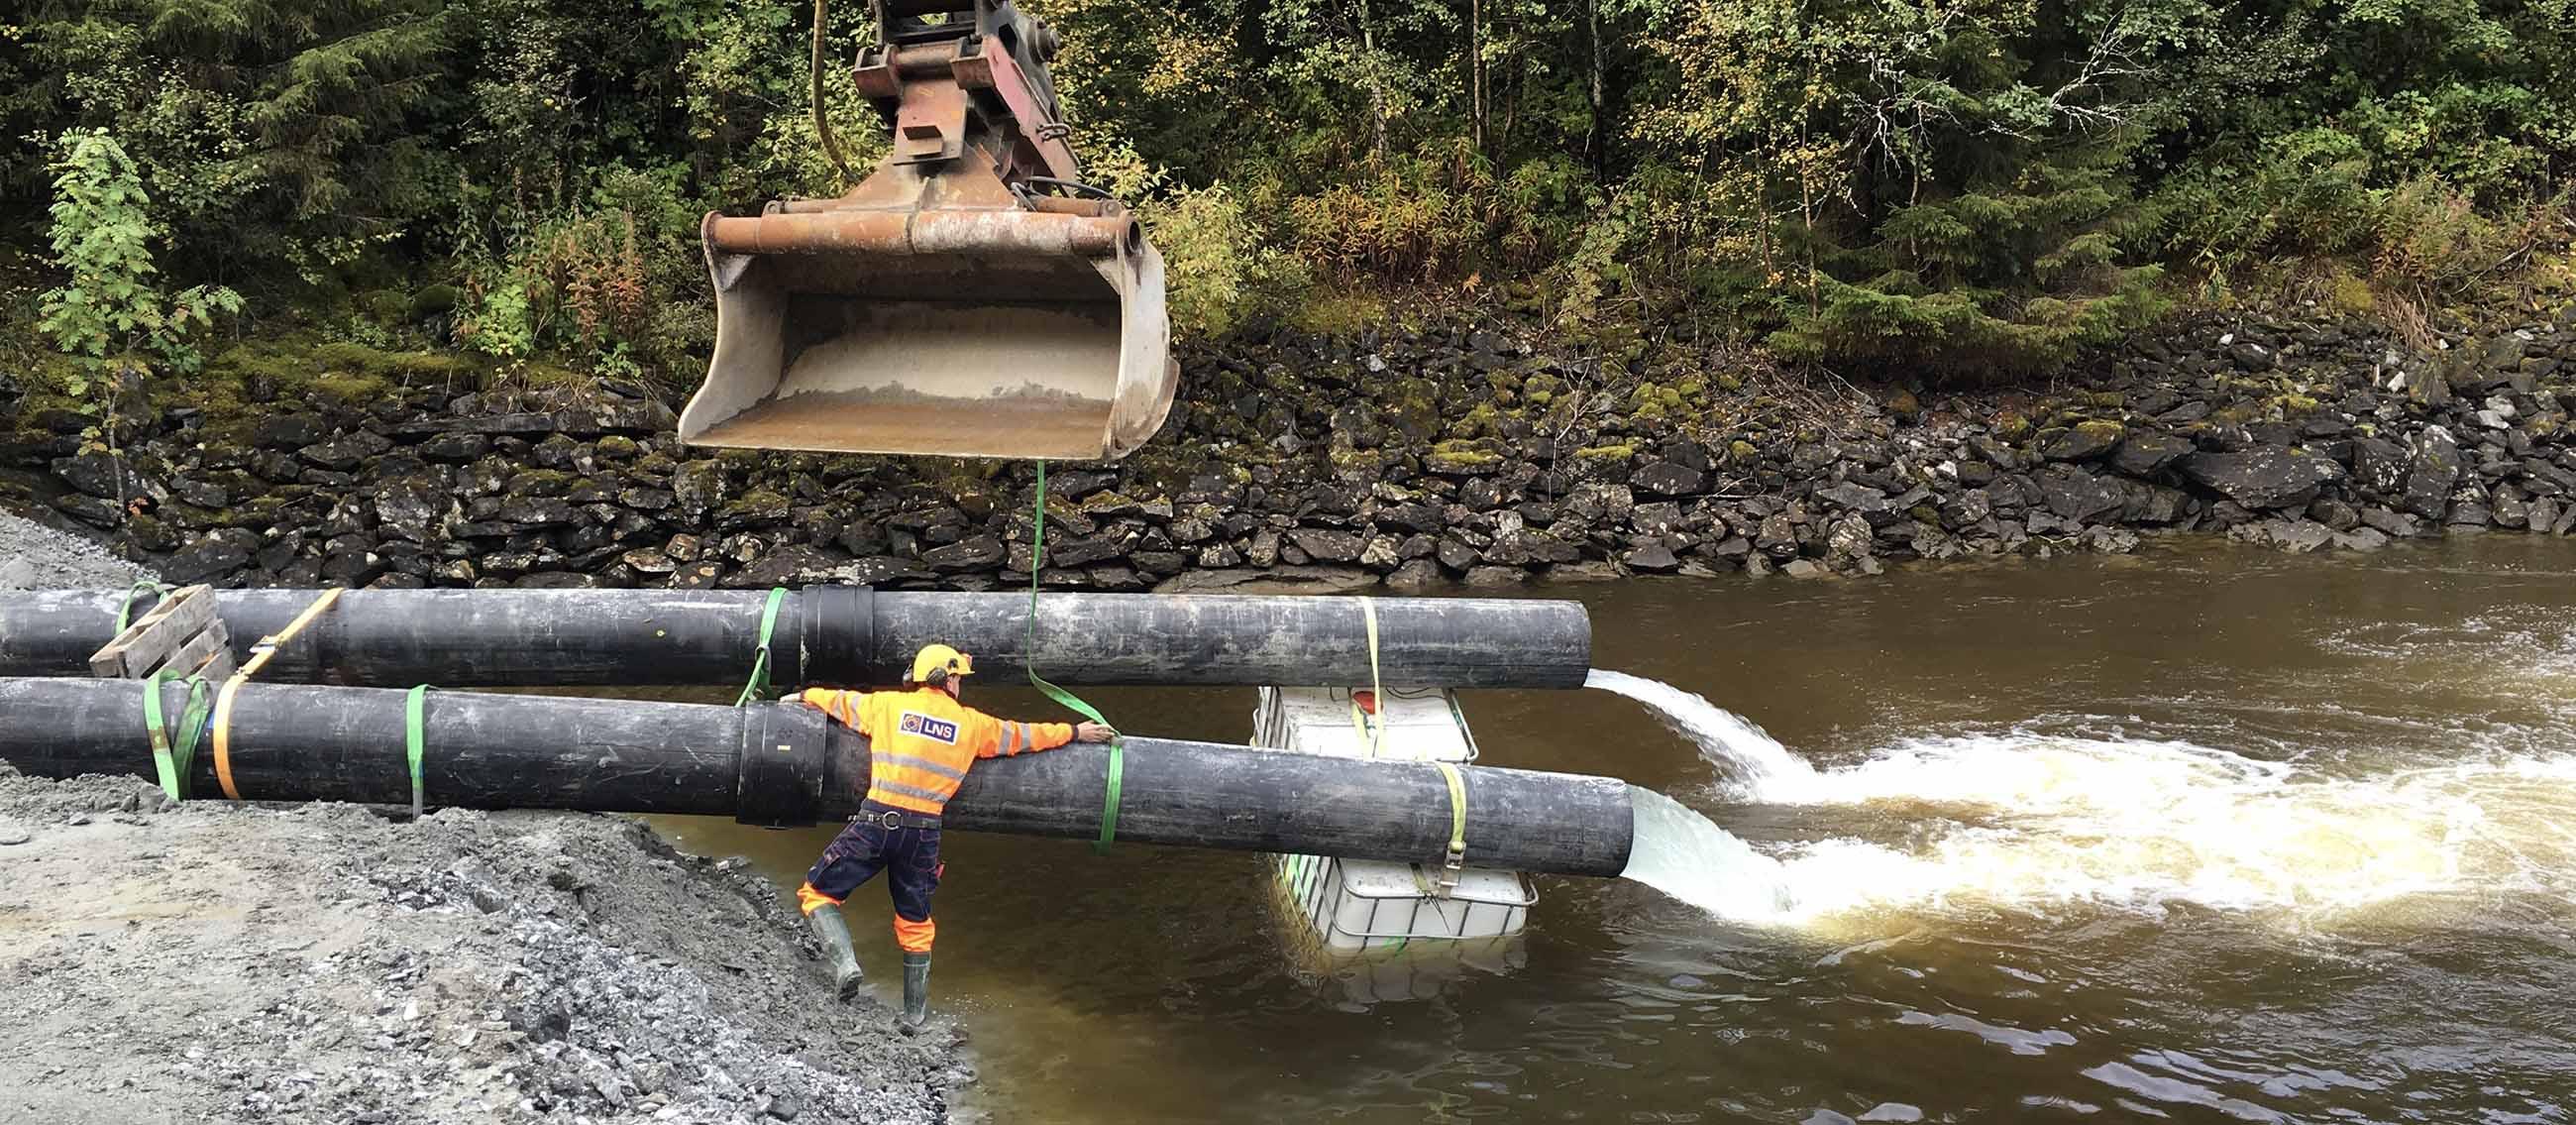 Stor lensepumpe som skyller ut vann i en elv